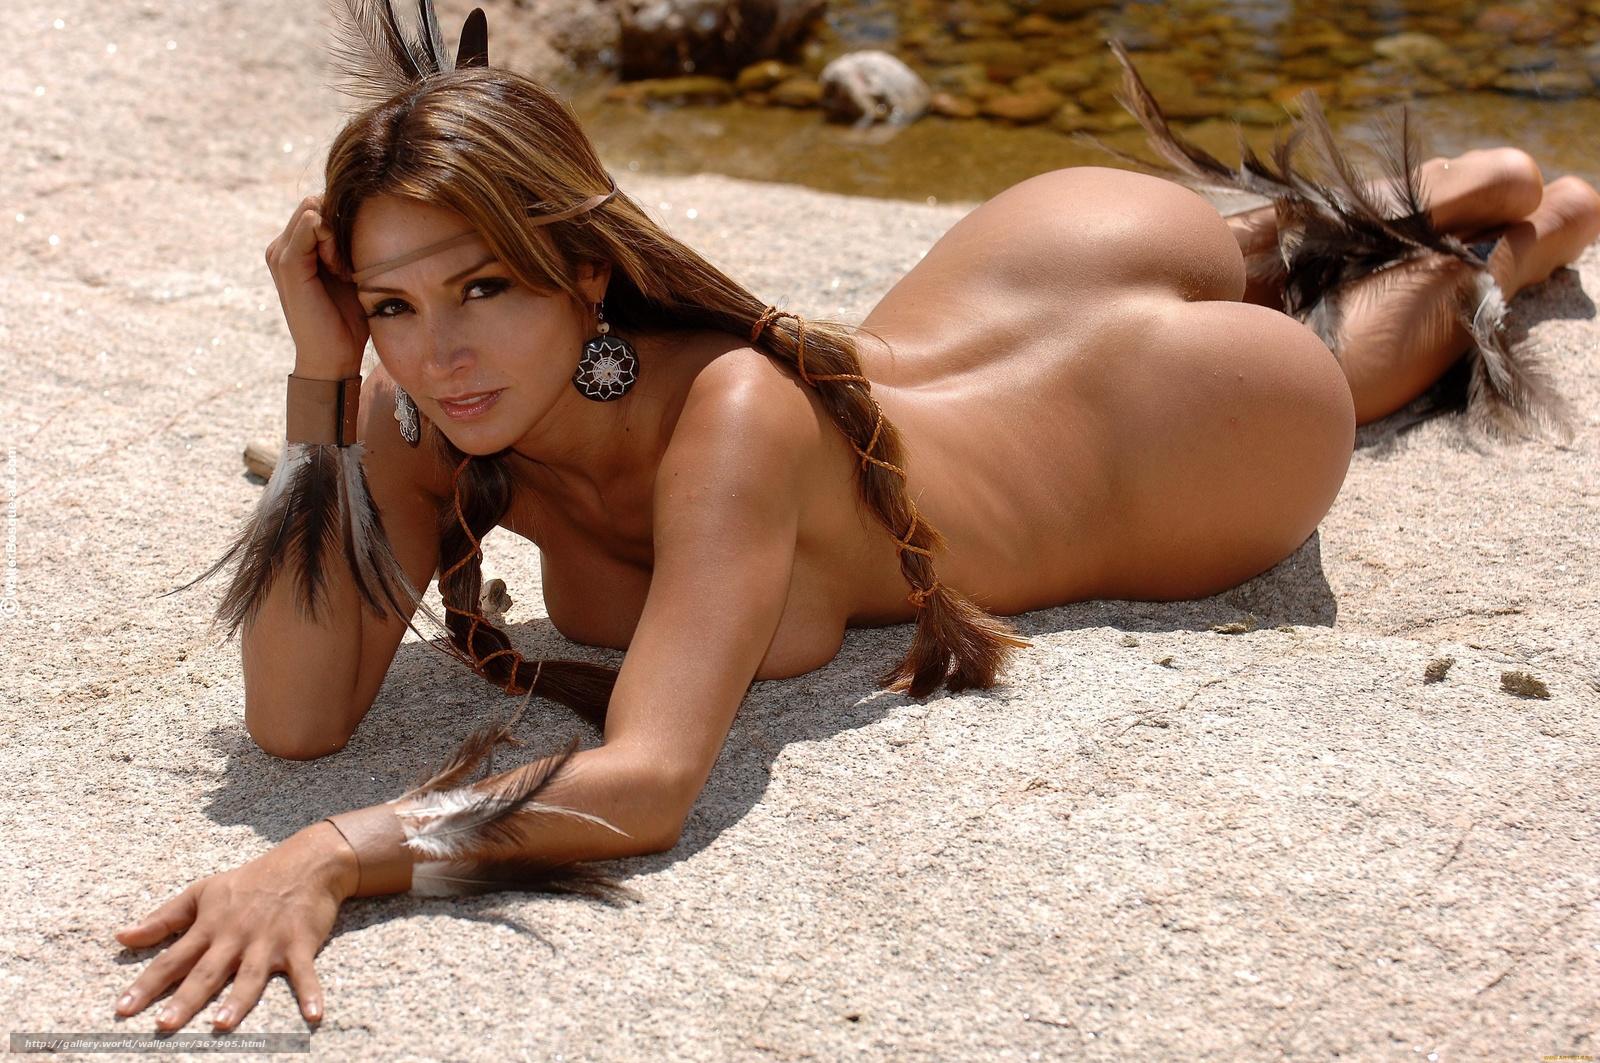 Самый красивый девушка голый фото 22 фотография